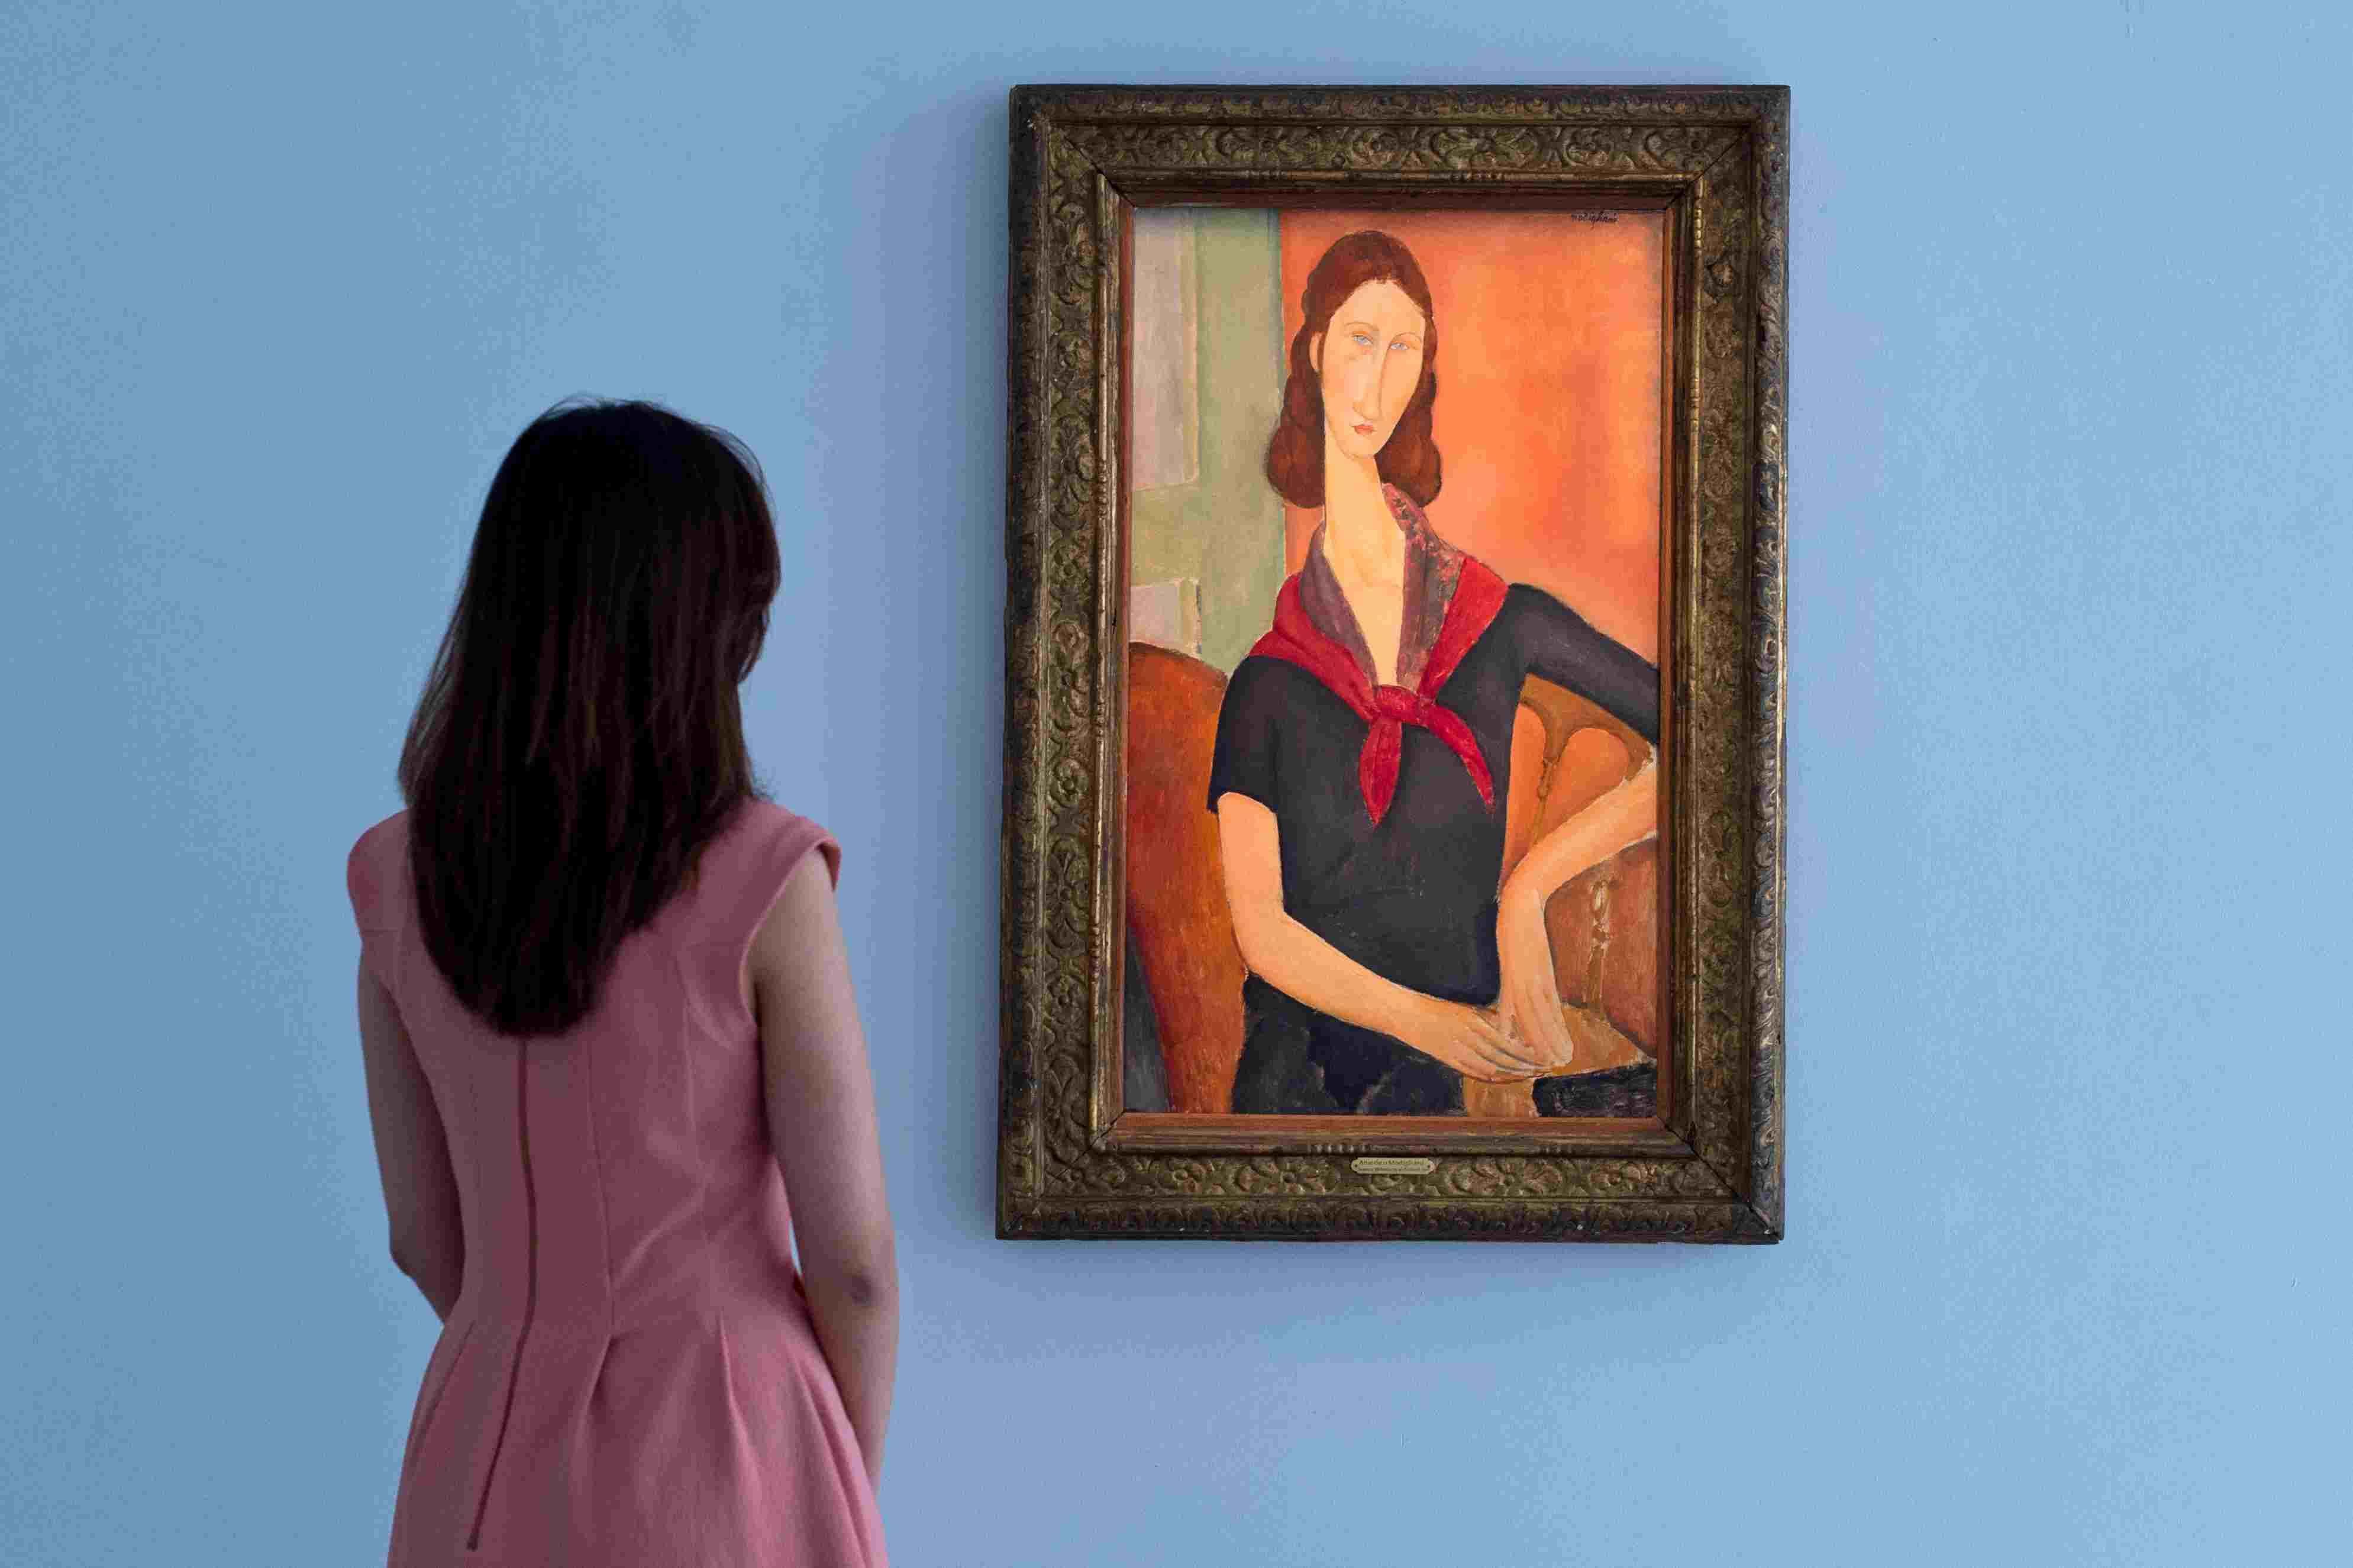 Portrait of Jeanne Hebuteme by Amadeo Modigliani